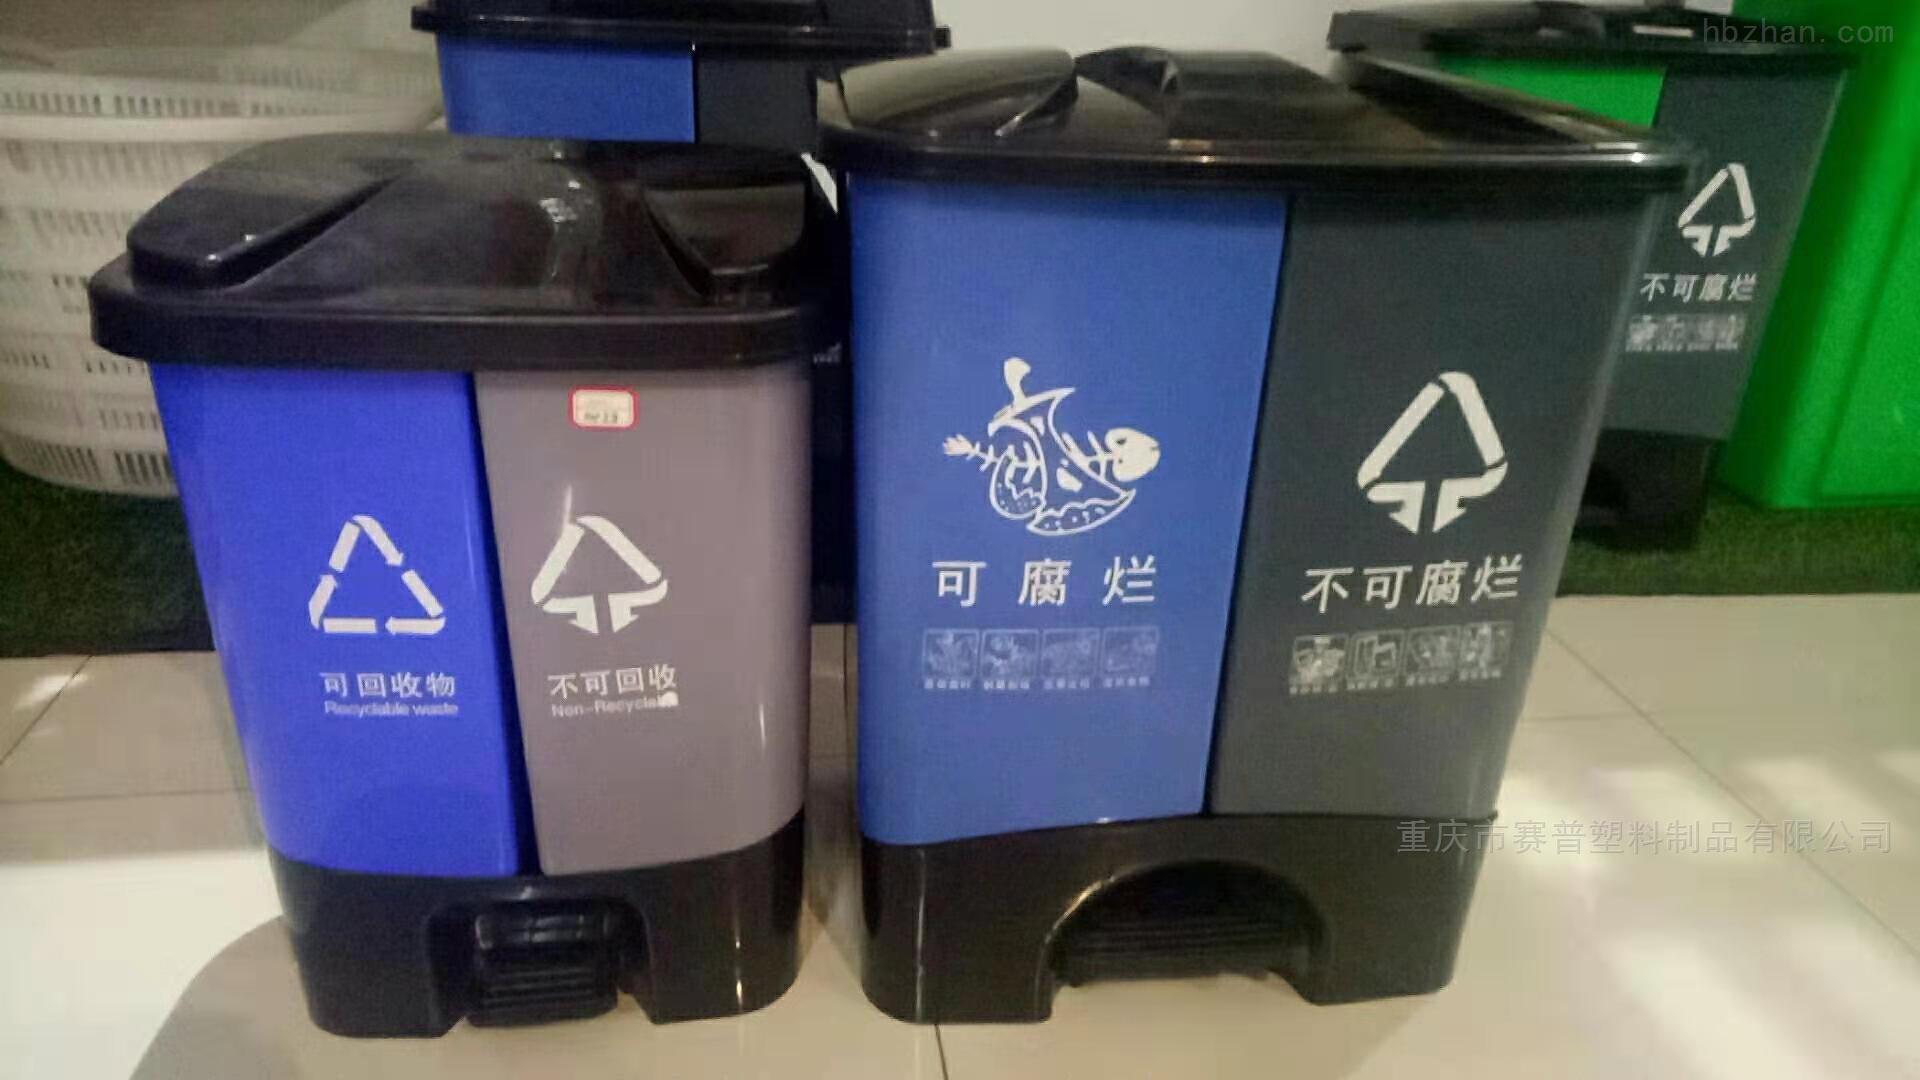 双胞胎塑料双桶脚踏分类垃圾桶